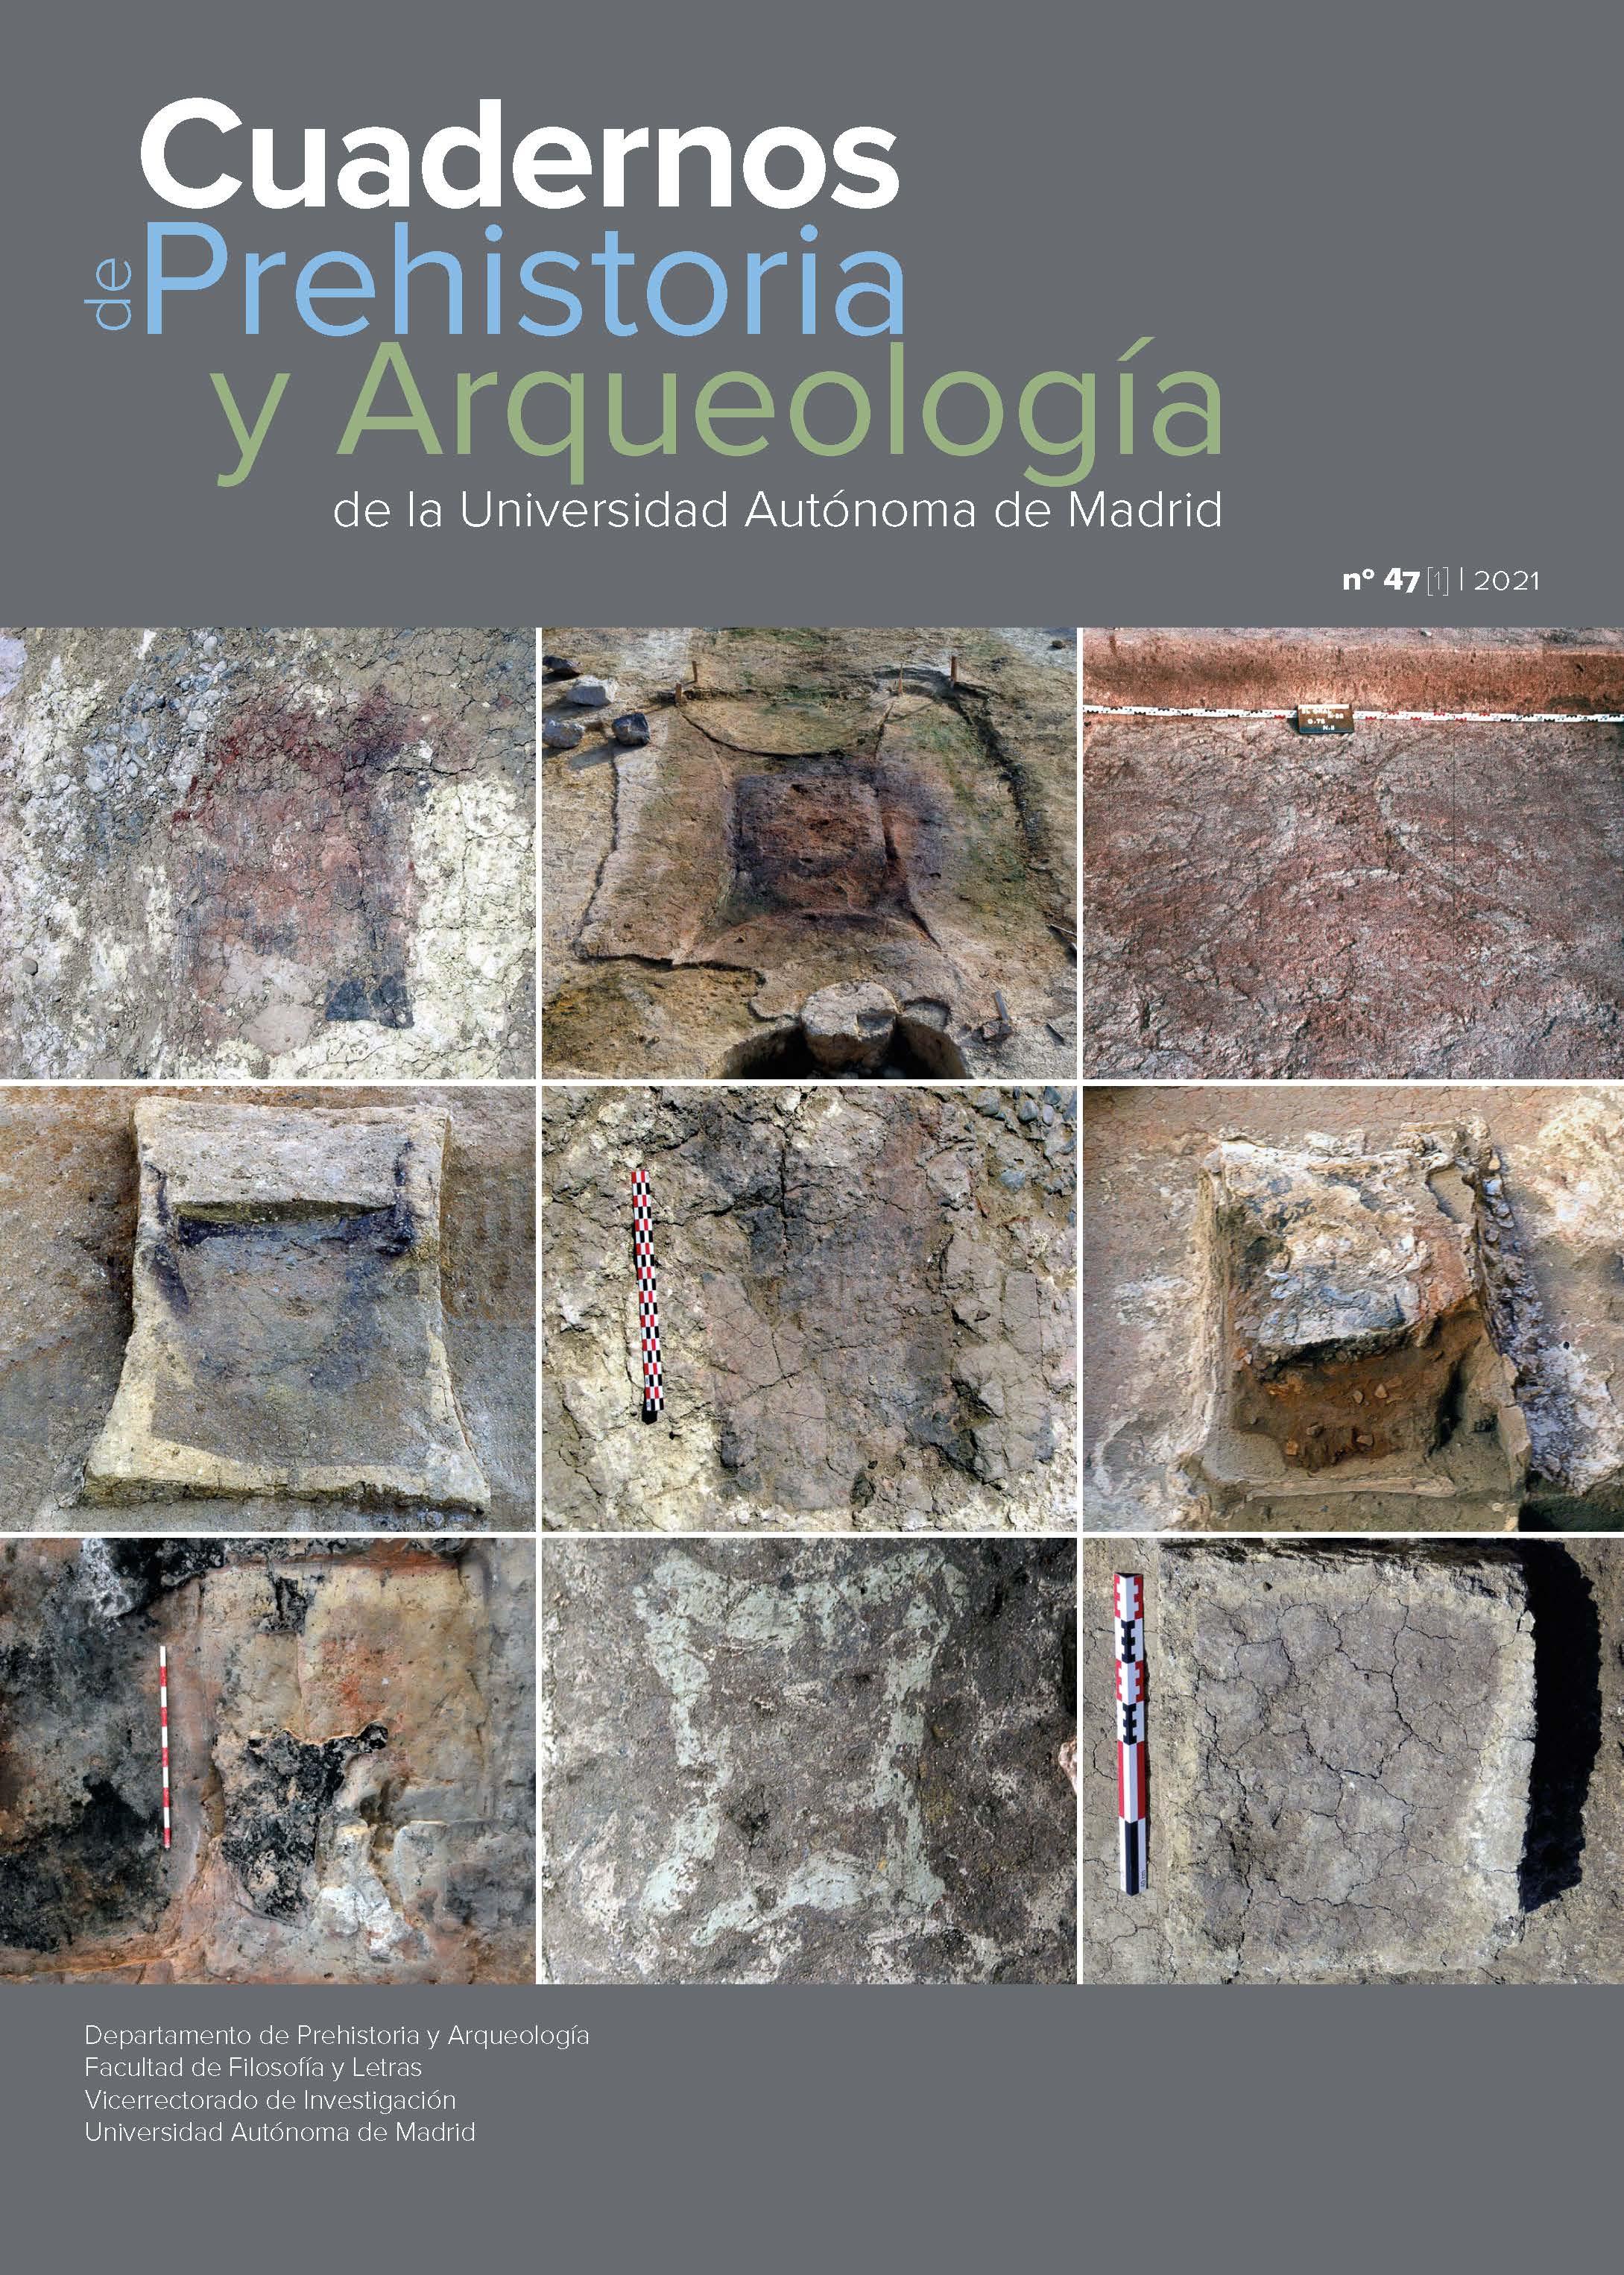 Portada del Volumen 47 número 1 de la revista Cuadernos de Prehistoria y Arqueología de la Universidad Autónoma de Madrid